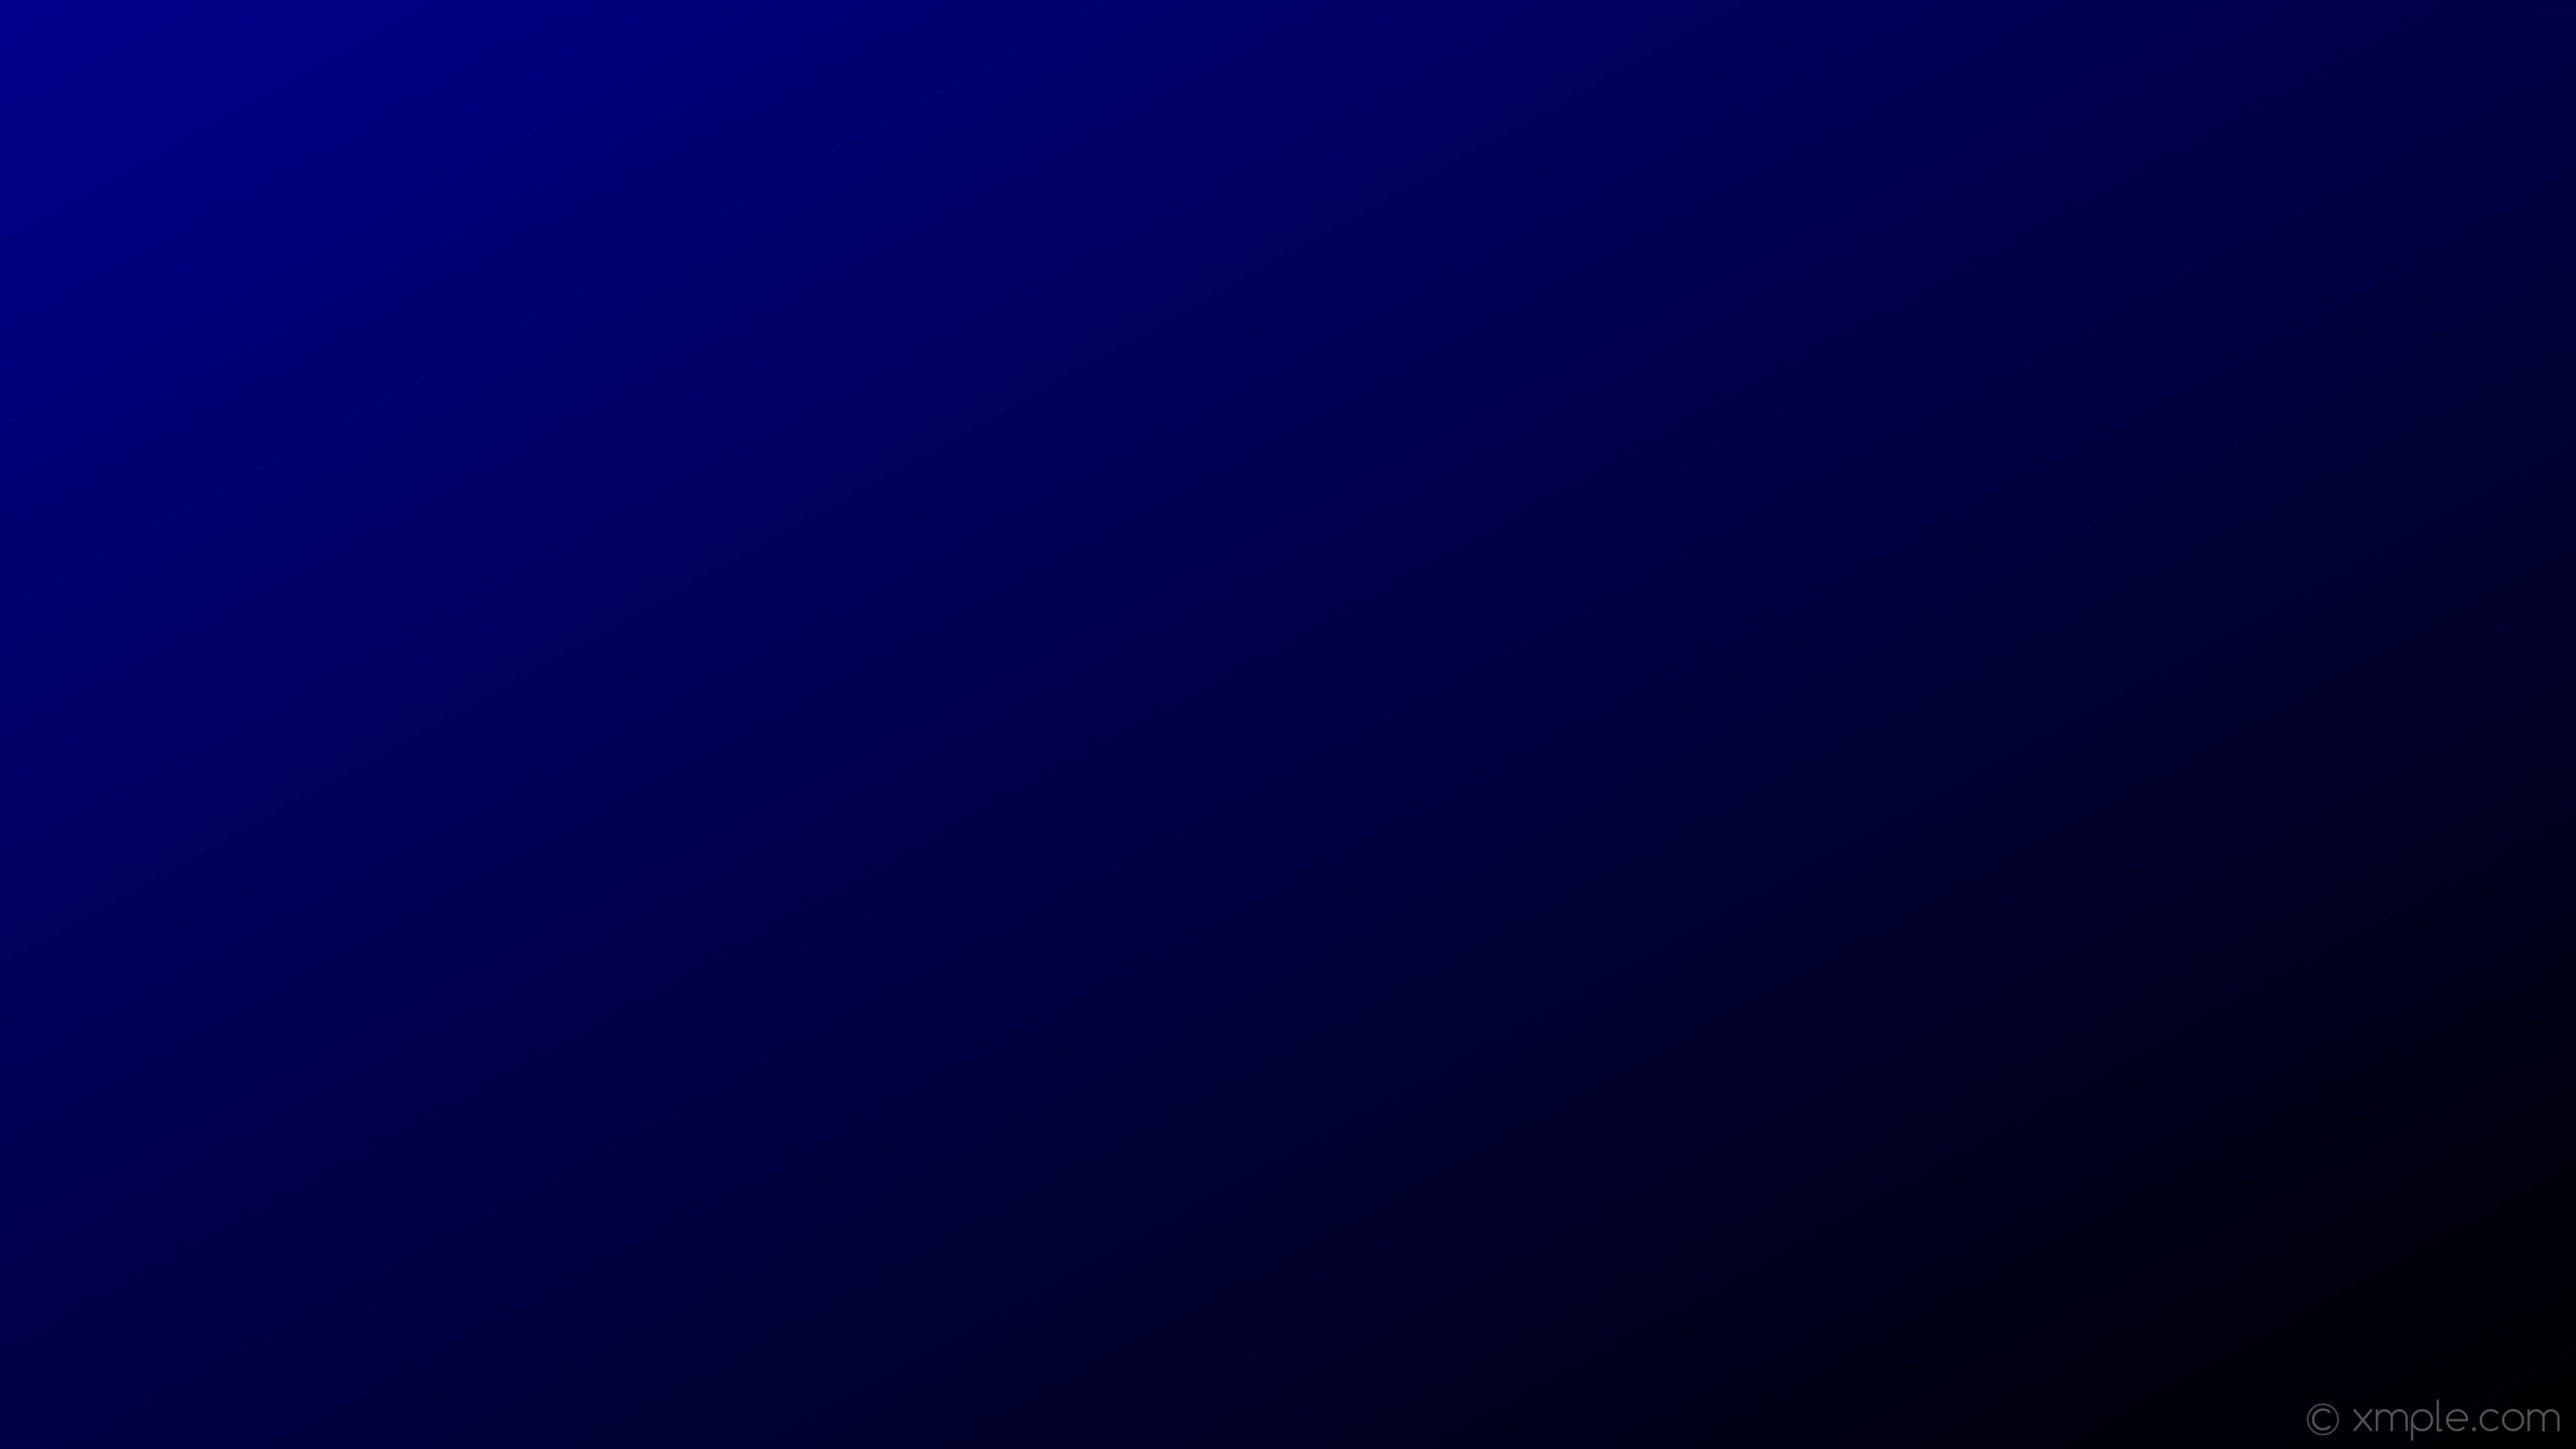 Navy Blue Digital Wallpaper